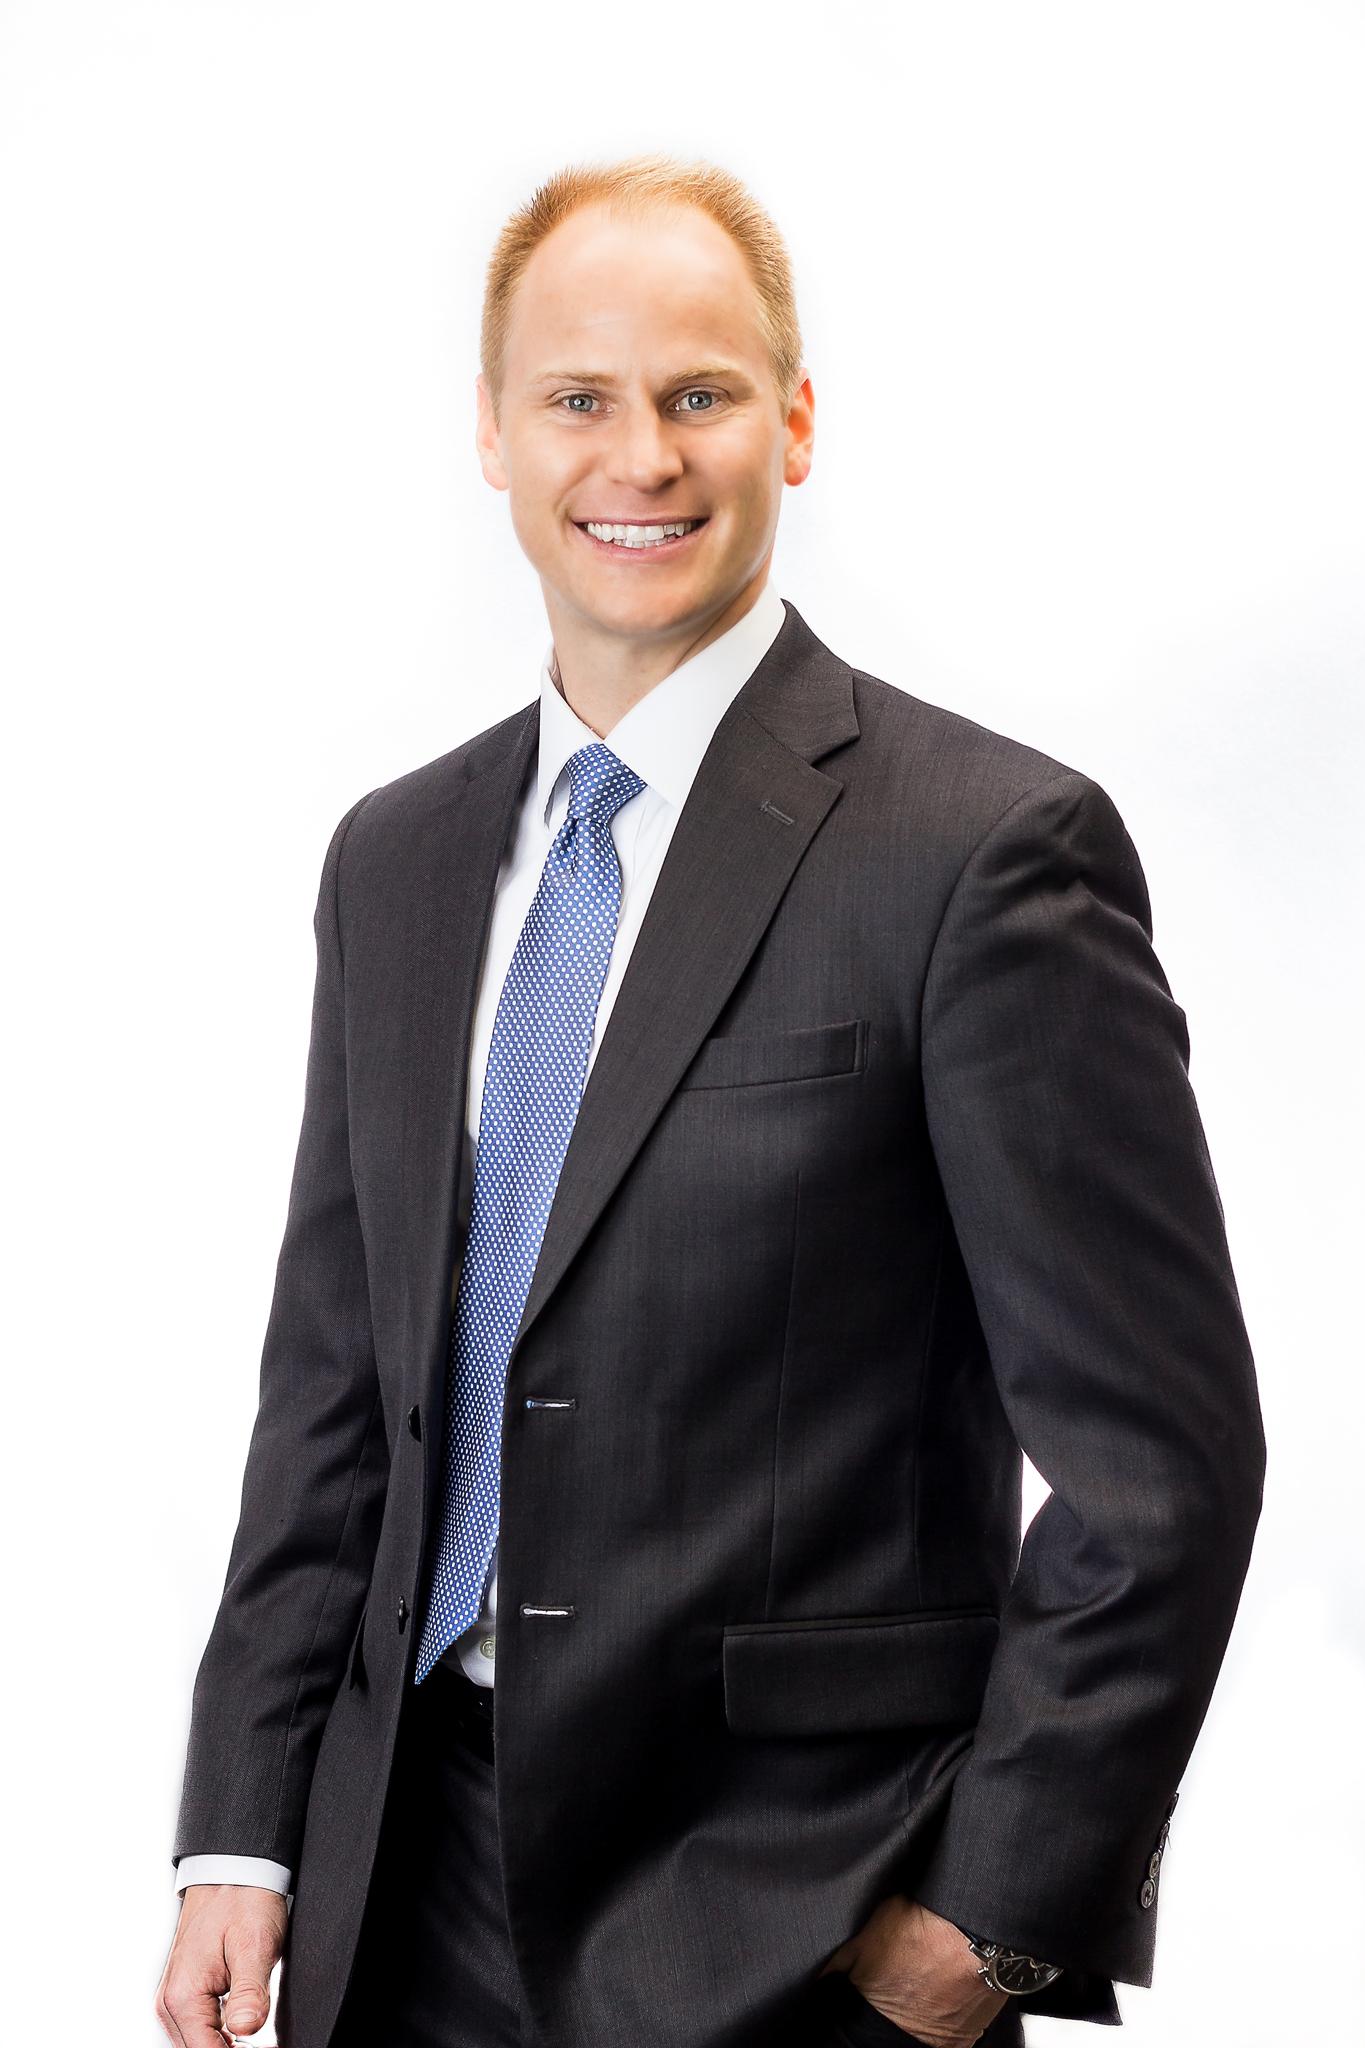 Grafton Milne - Professional Headshot | Tempe, AZ